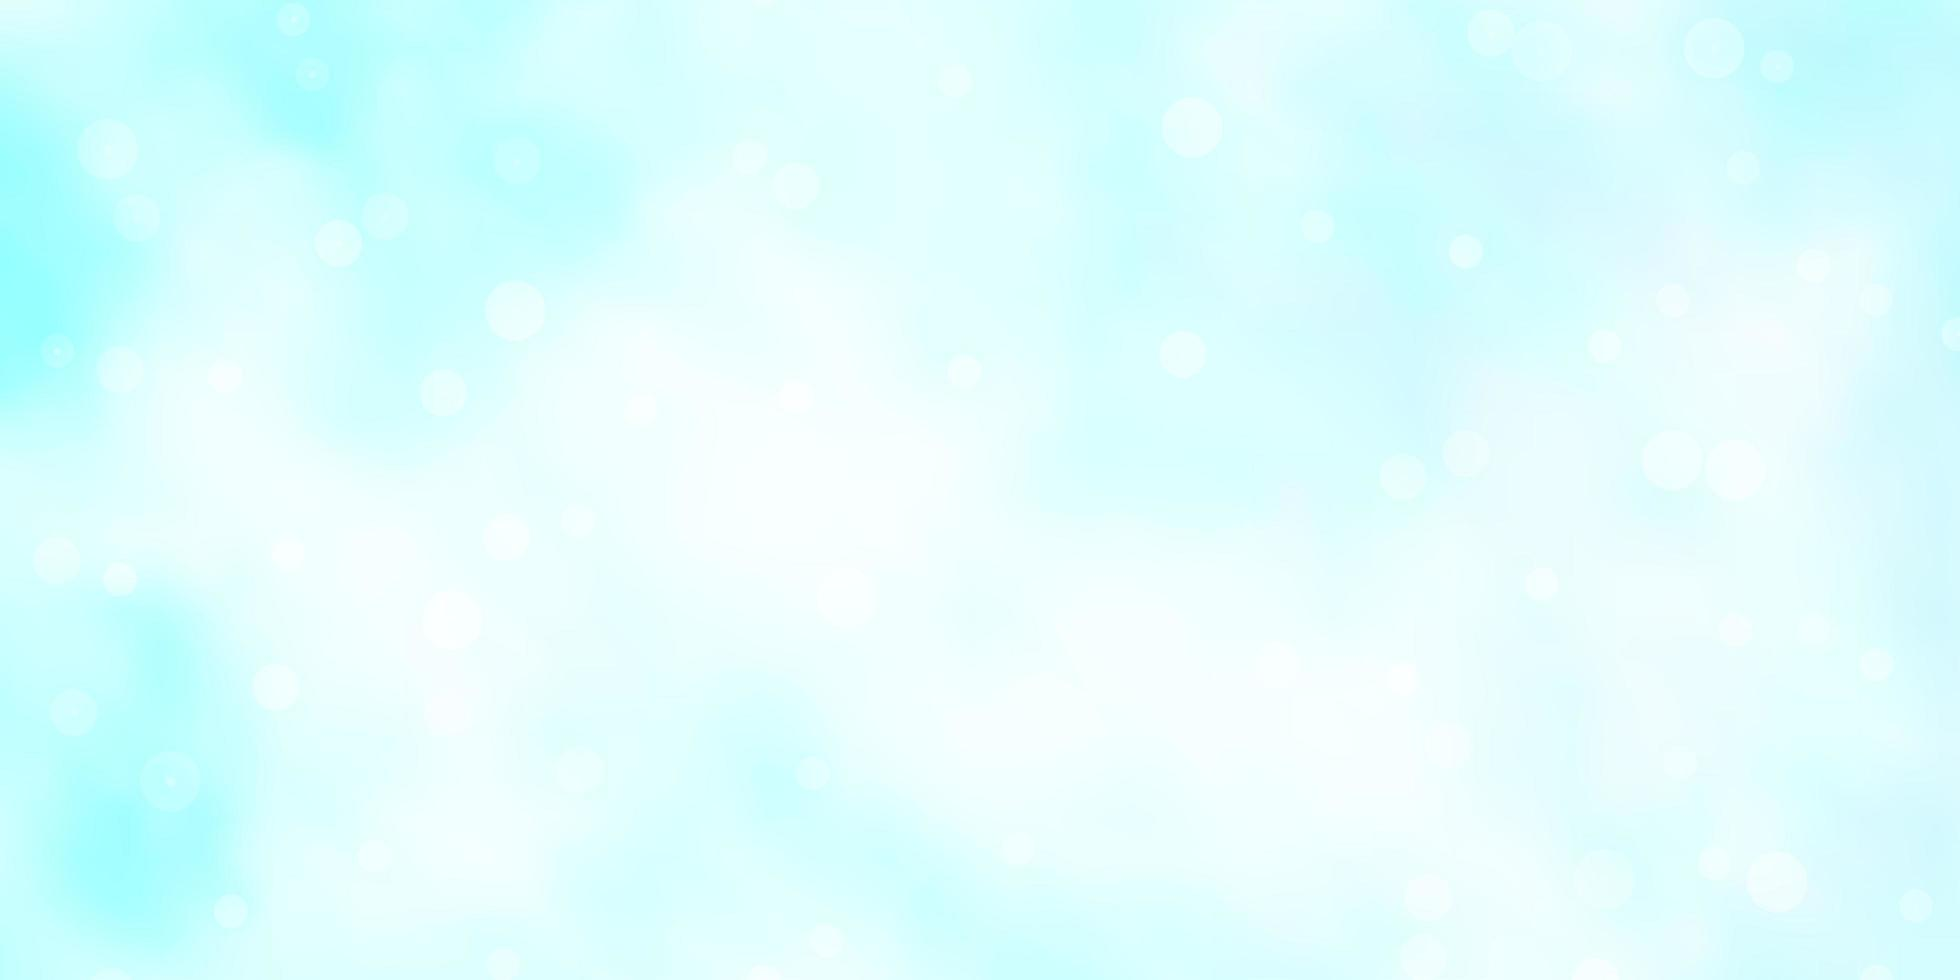 Fondo de vector azul claro con estrellas pequeñas y grandes.